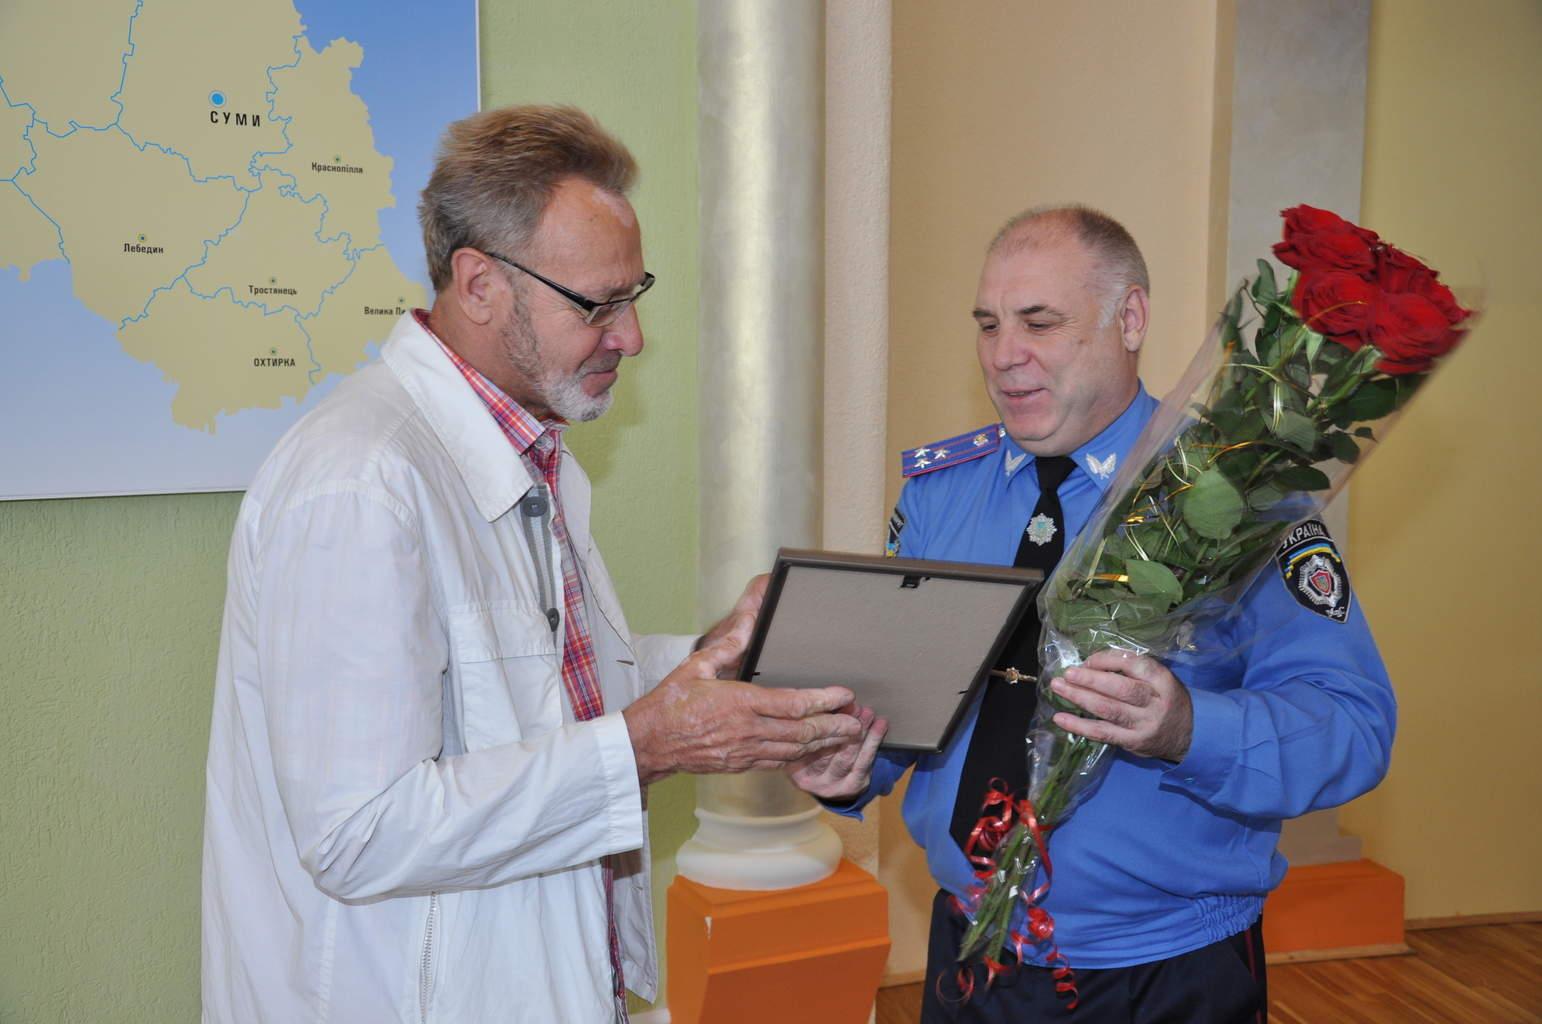 Почесний громадянин м. Суми Олександр Шапаренко був нагороджений Почесною грамотою